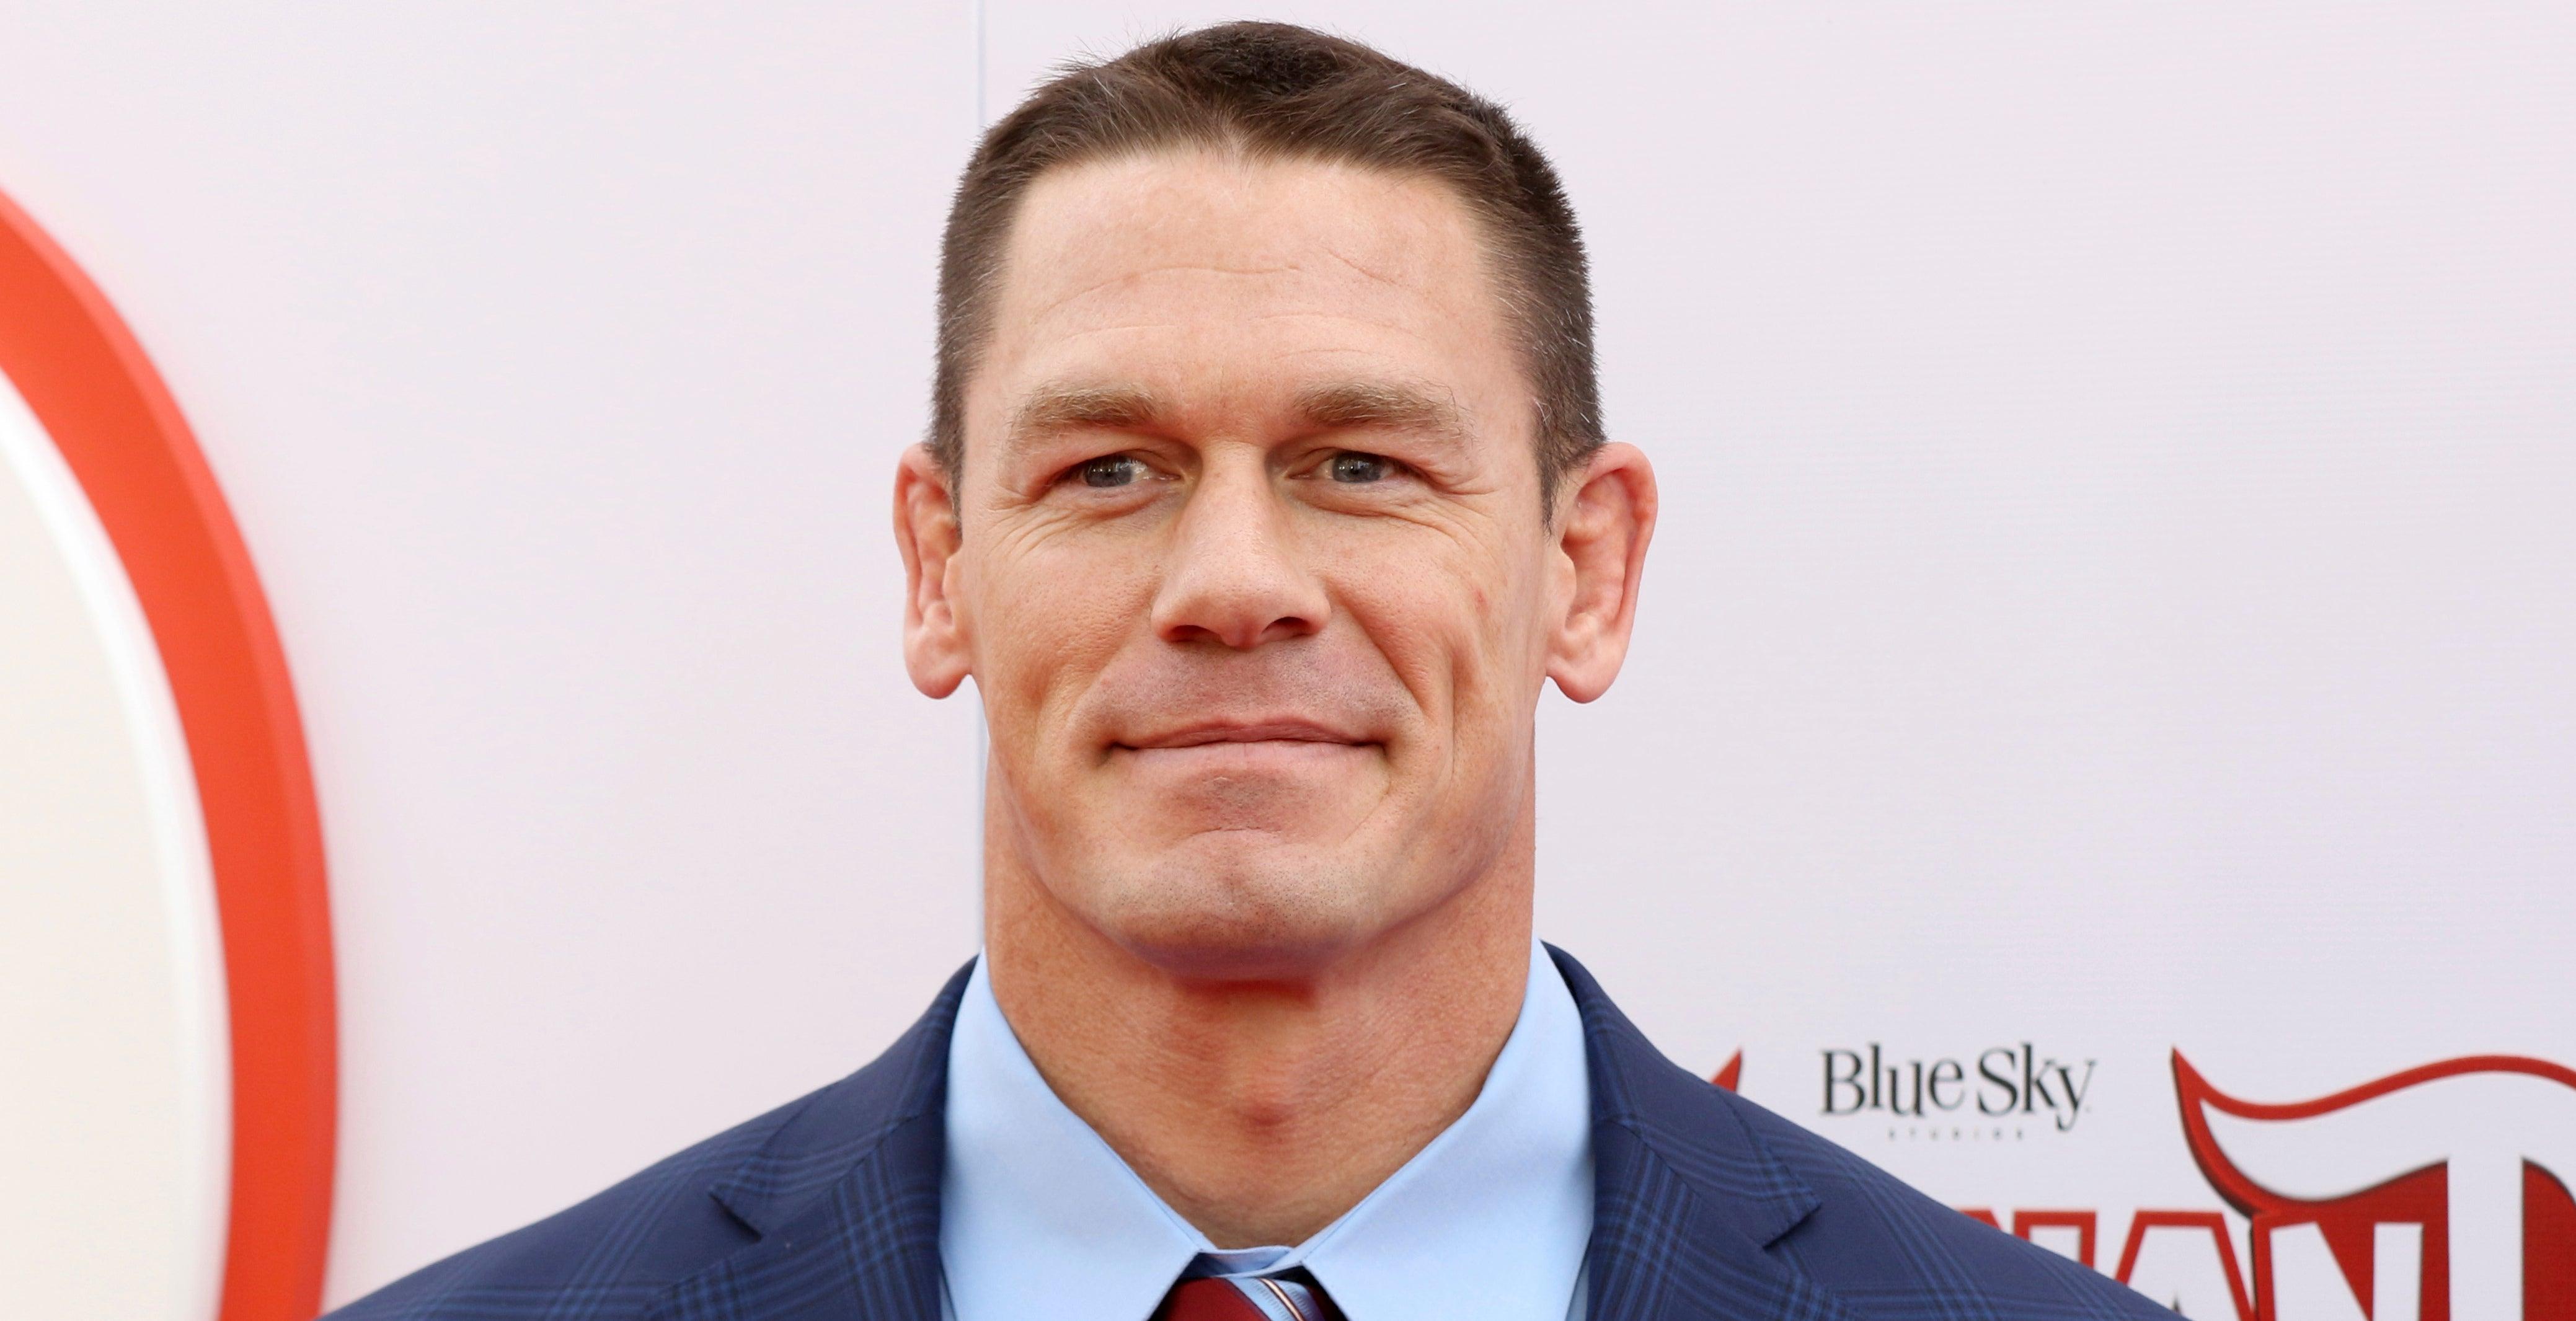 John Cena Might Might Star In A Duke Nukem Movie